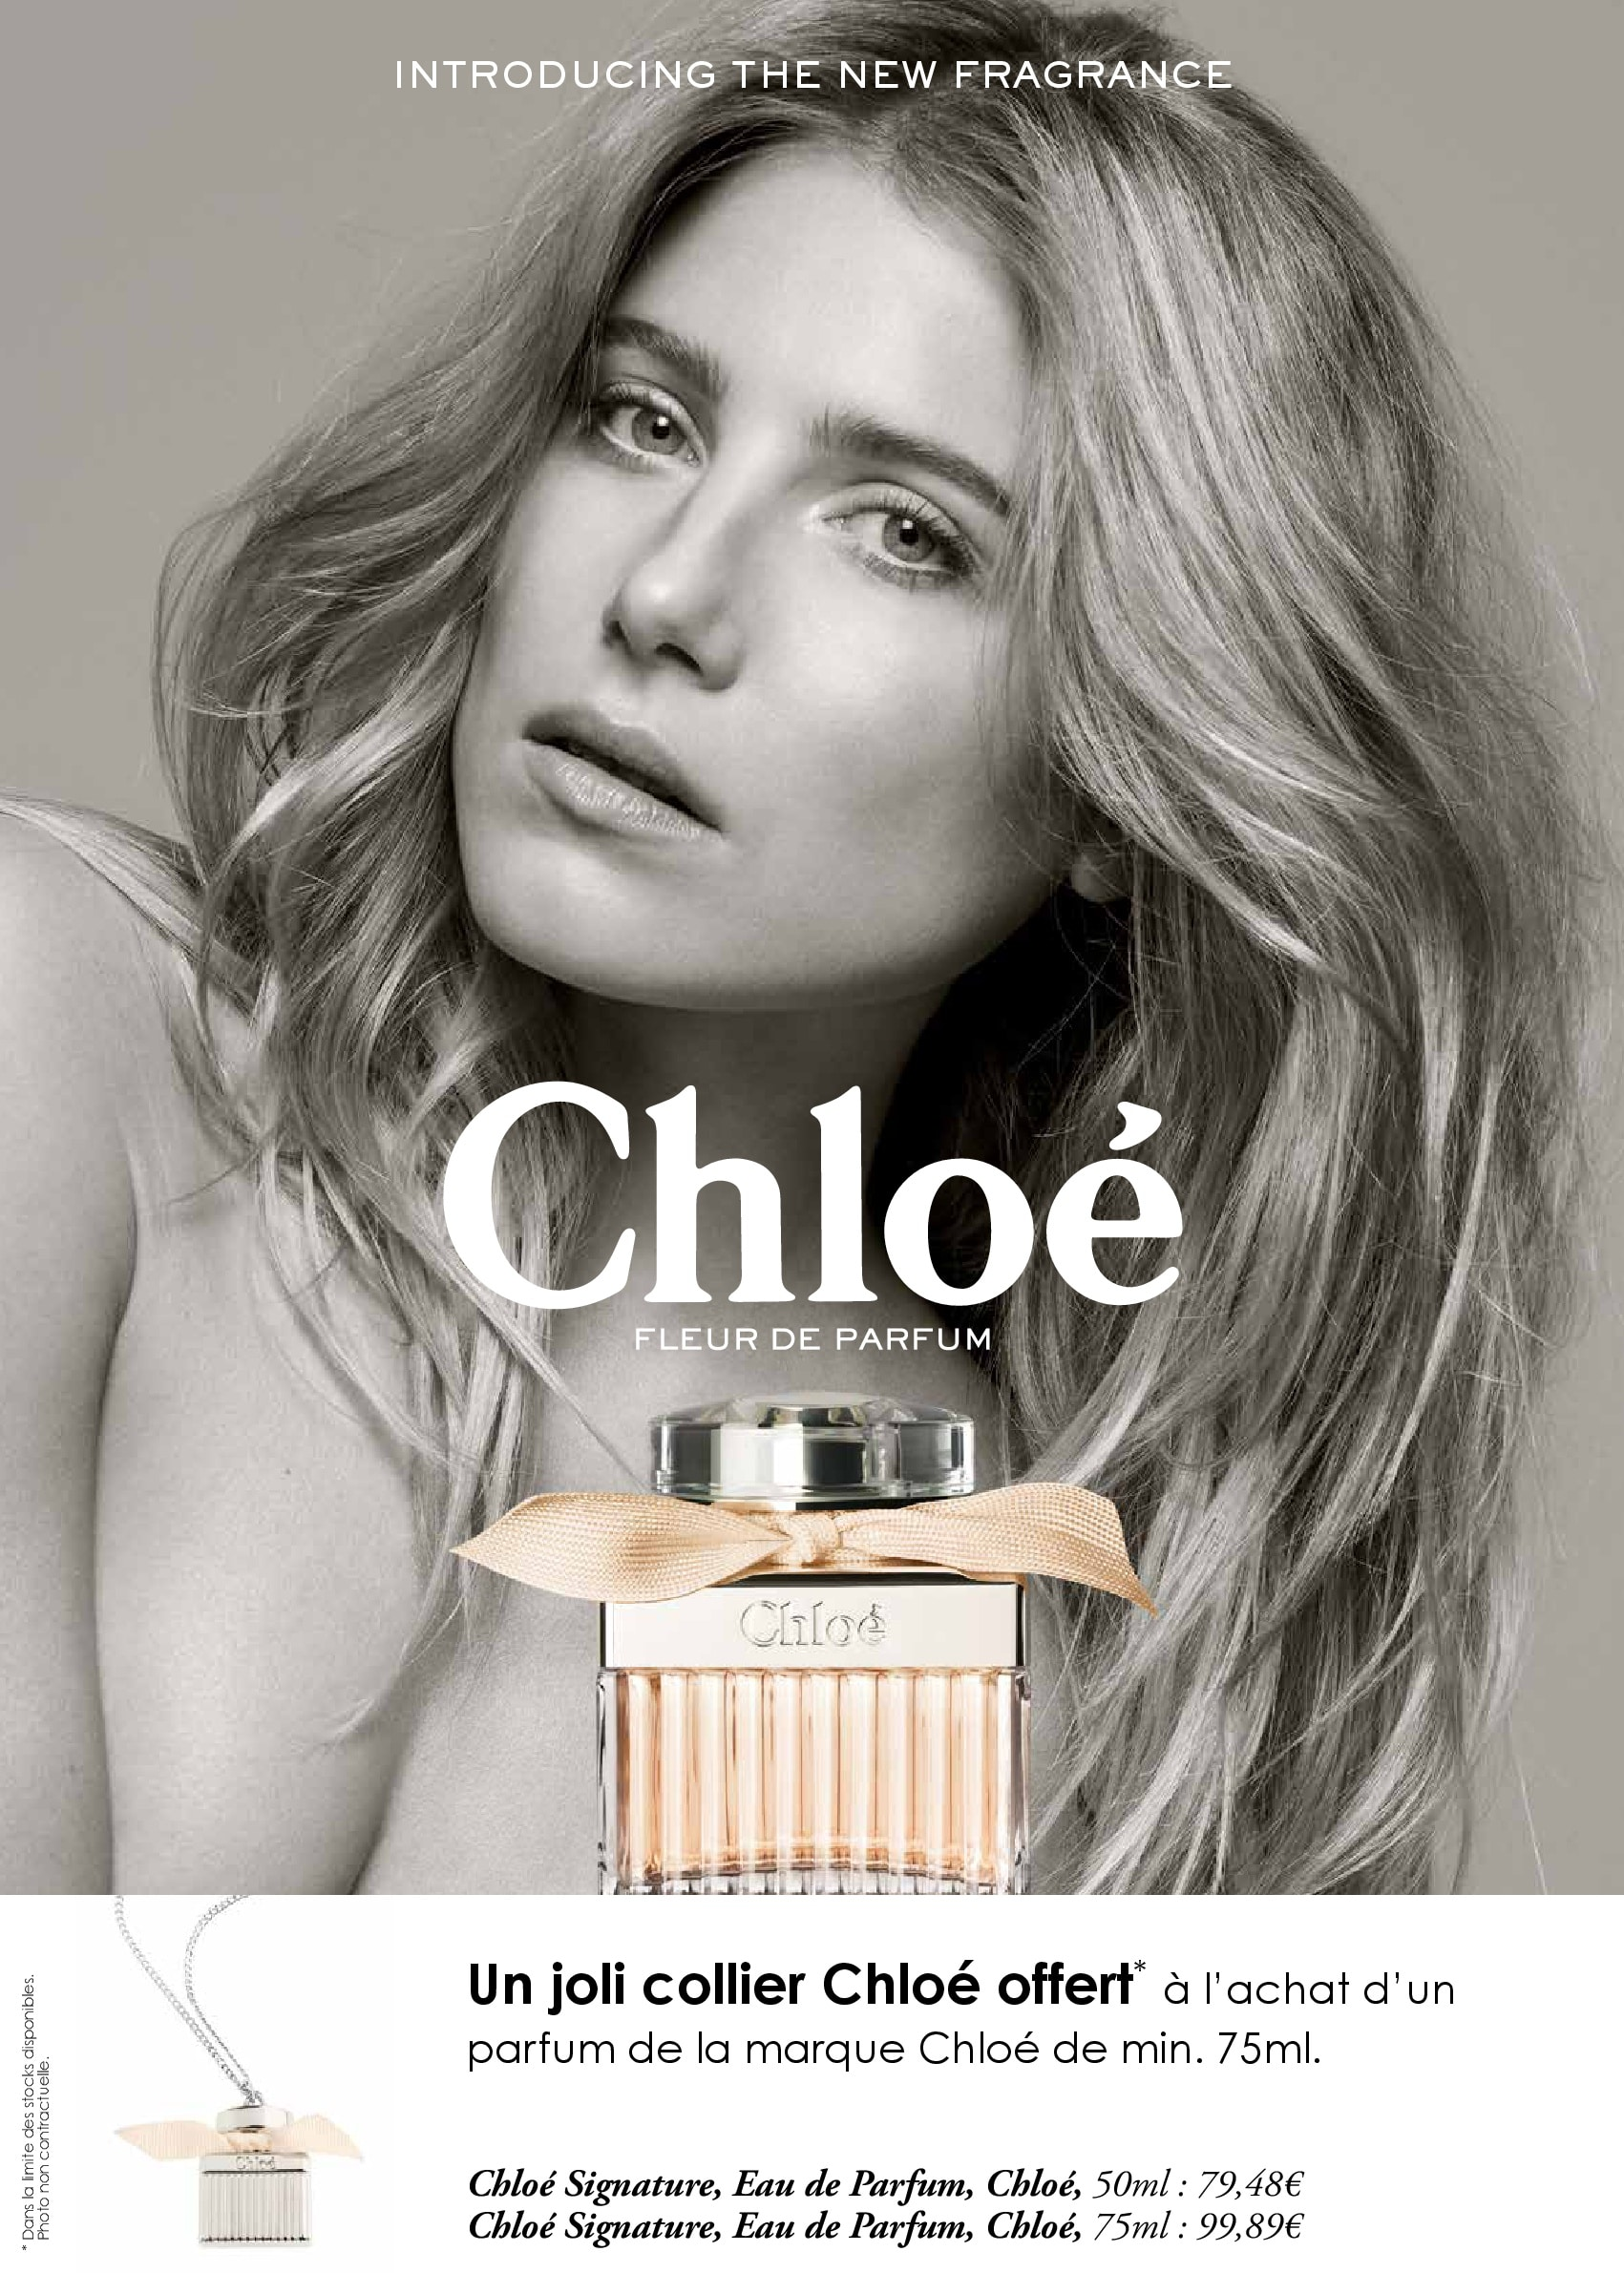 Chloé Signature Eau De Parfum Chloe Paris 8